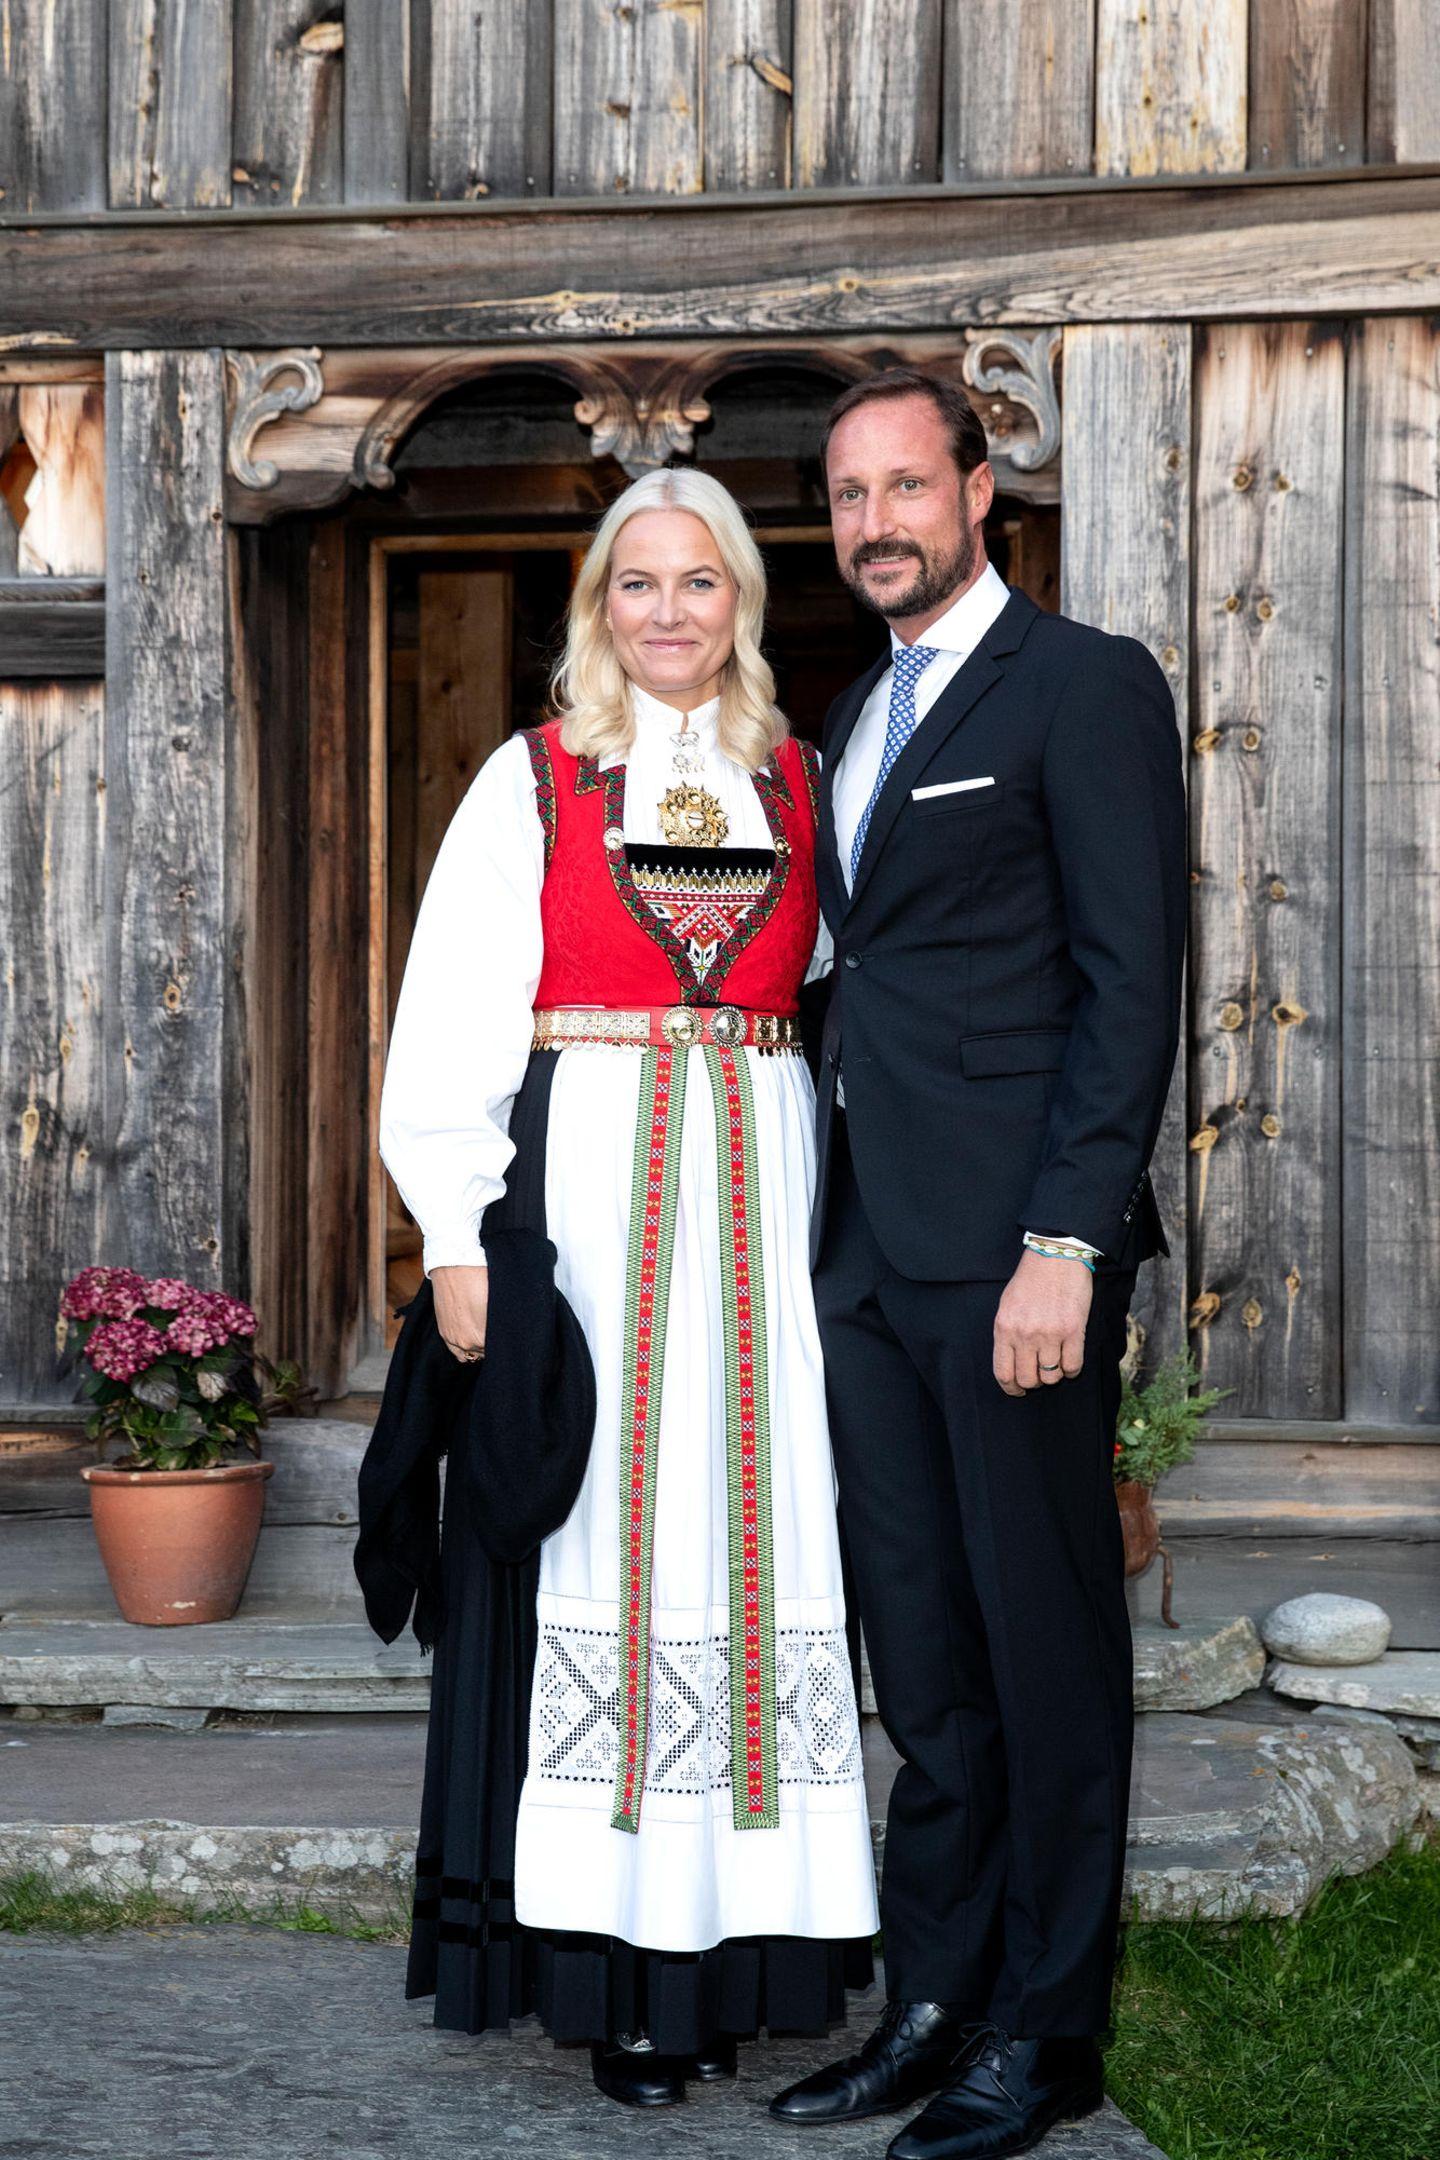 18. September 2019  Für ihren Besuch der KommuneVågå in der norwegischen Provinz Oppland hat sich Prinzessin Mette-Marit die traditionelle Tracht angelegt.